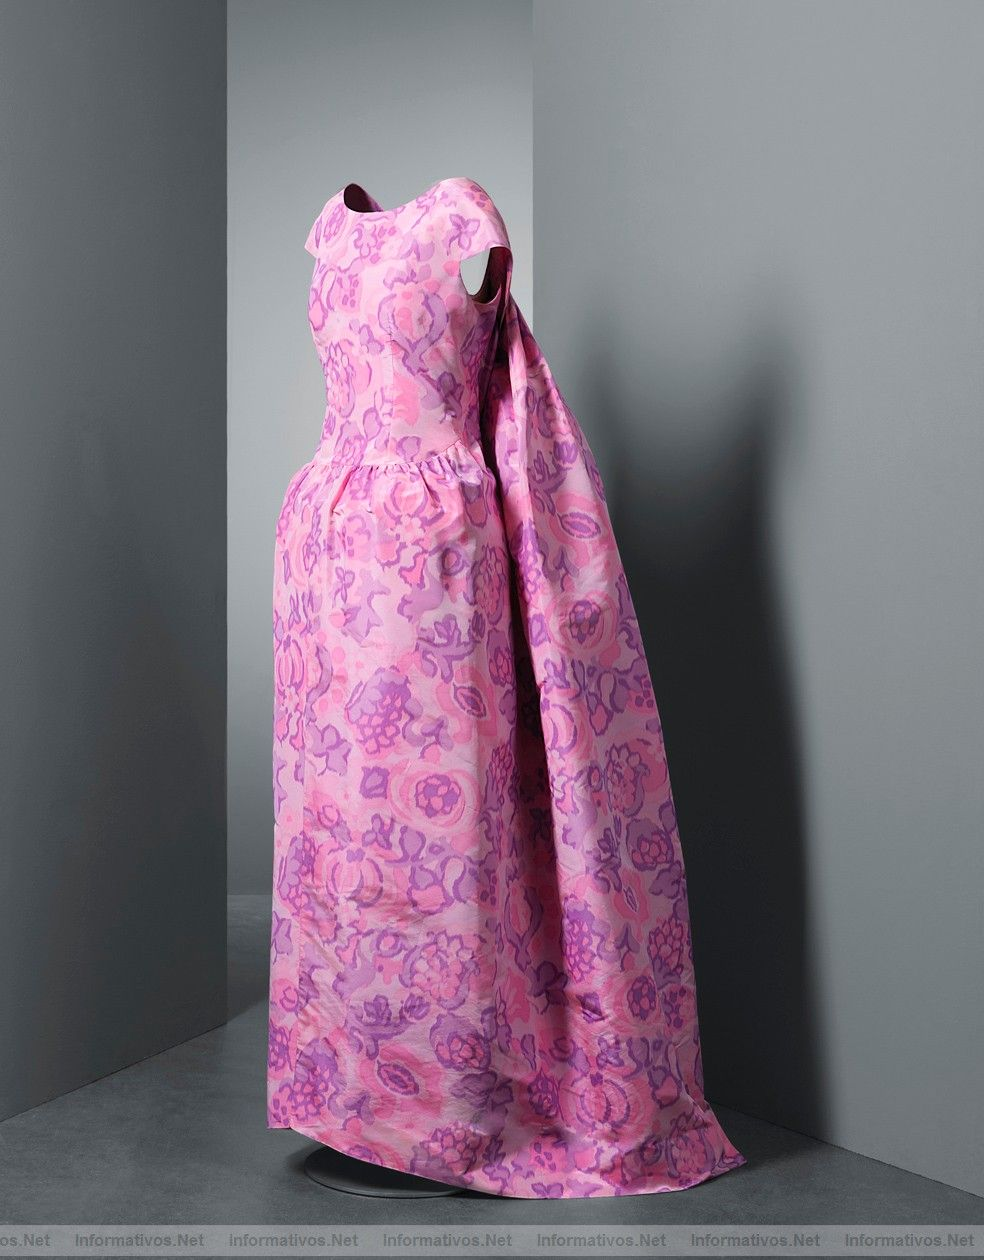 Vestido diseñador por Cristóbal Balenciaga en 1961 - Inspirado en el ...